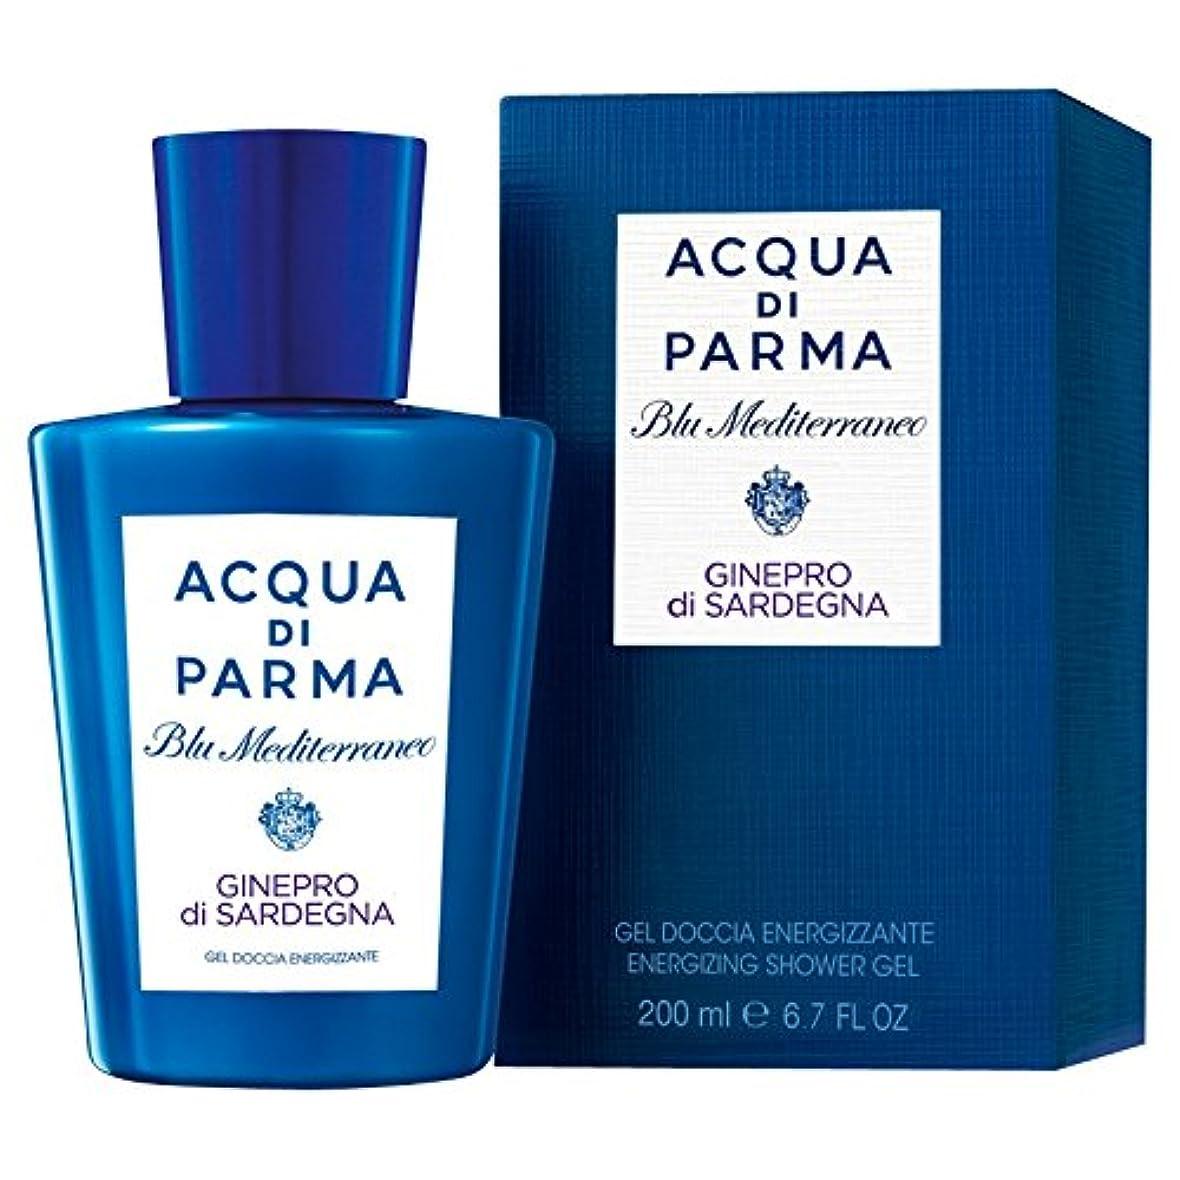 腸色合い腐ったアクア?ディ?パルマブルーメディGineproのディサルデーニャシャワージェル200ミリリットル (Acqua di Parma) - Acqua di Parma Blu Mediterraneo Ginepro Di...